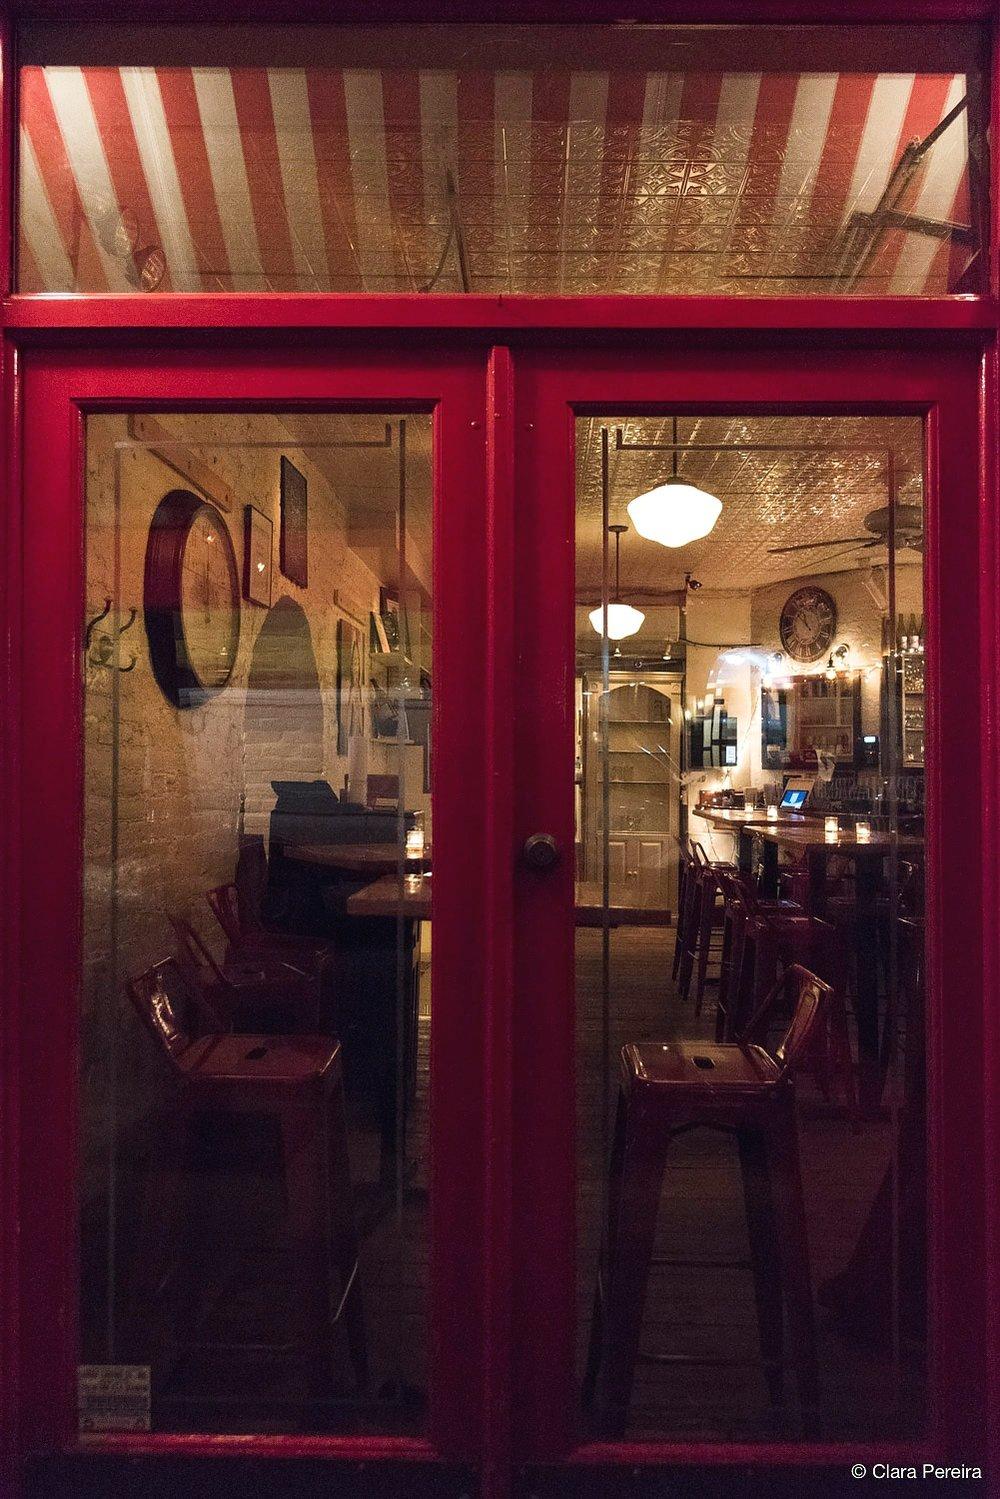 Cornelia Street Cafe, 2018